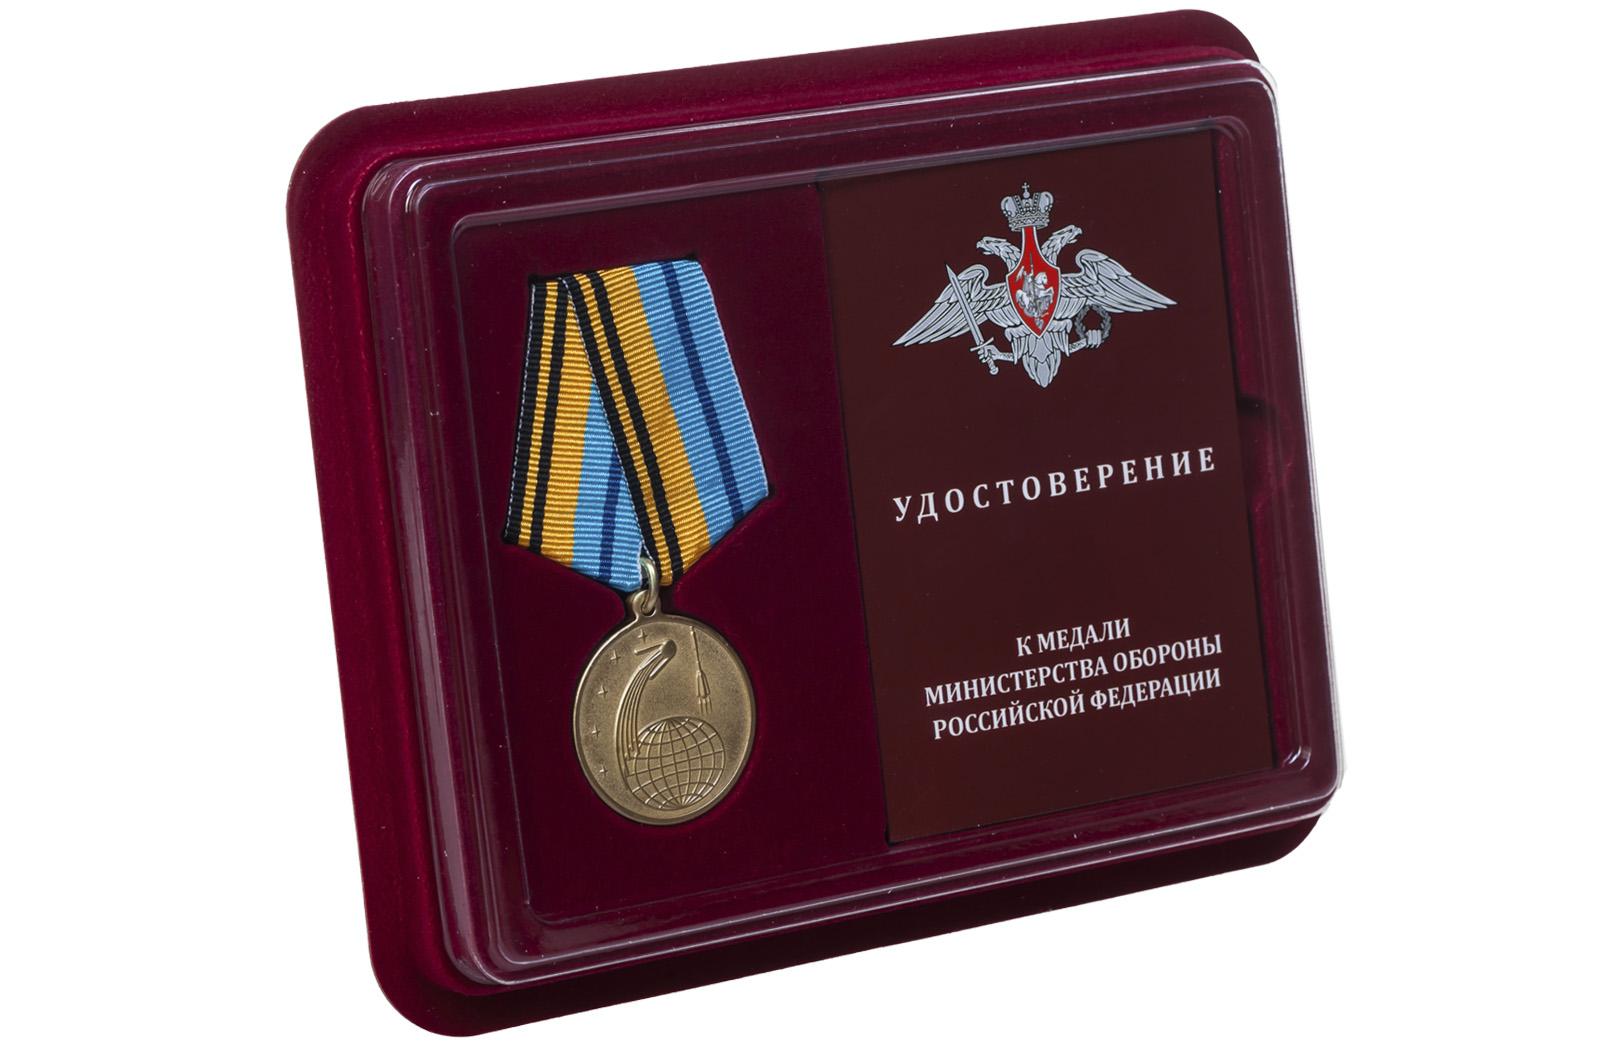 Купить памятную медаль 50 лет Космической эры онлайн